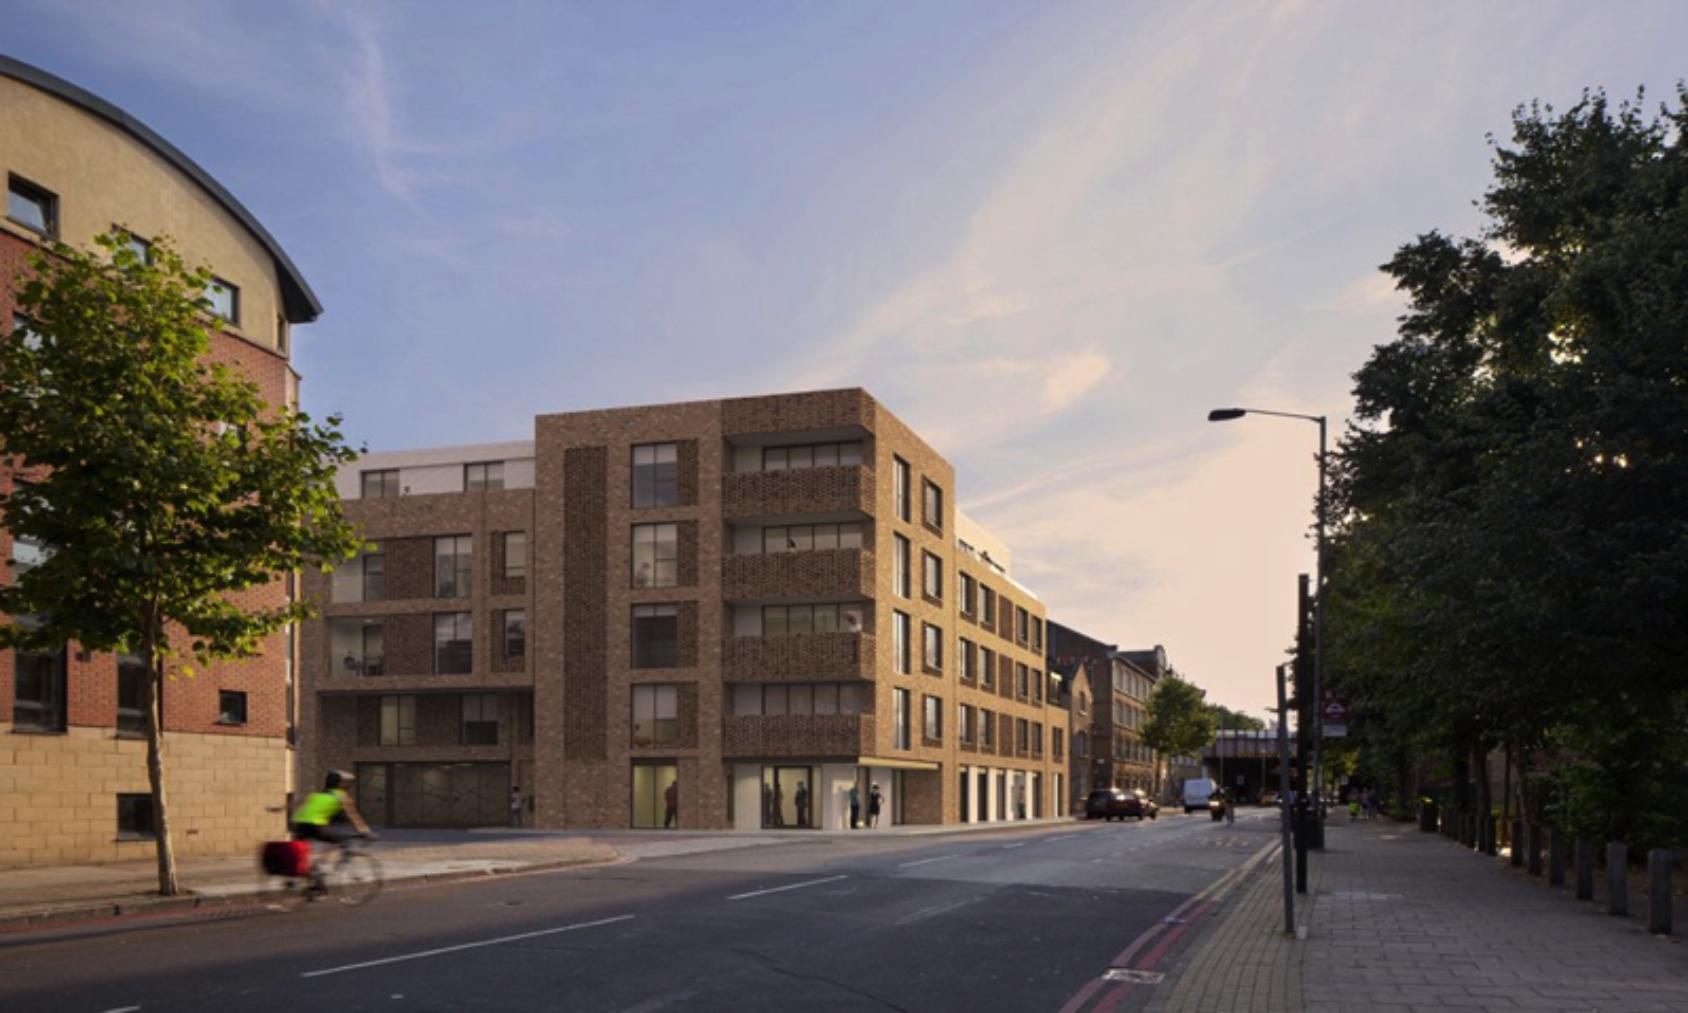 Notting Hill Housing Association